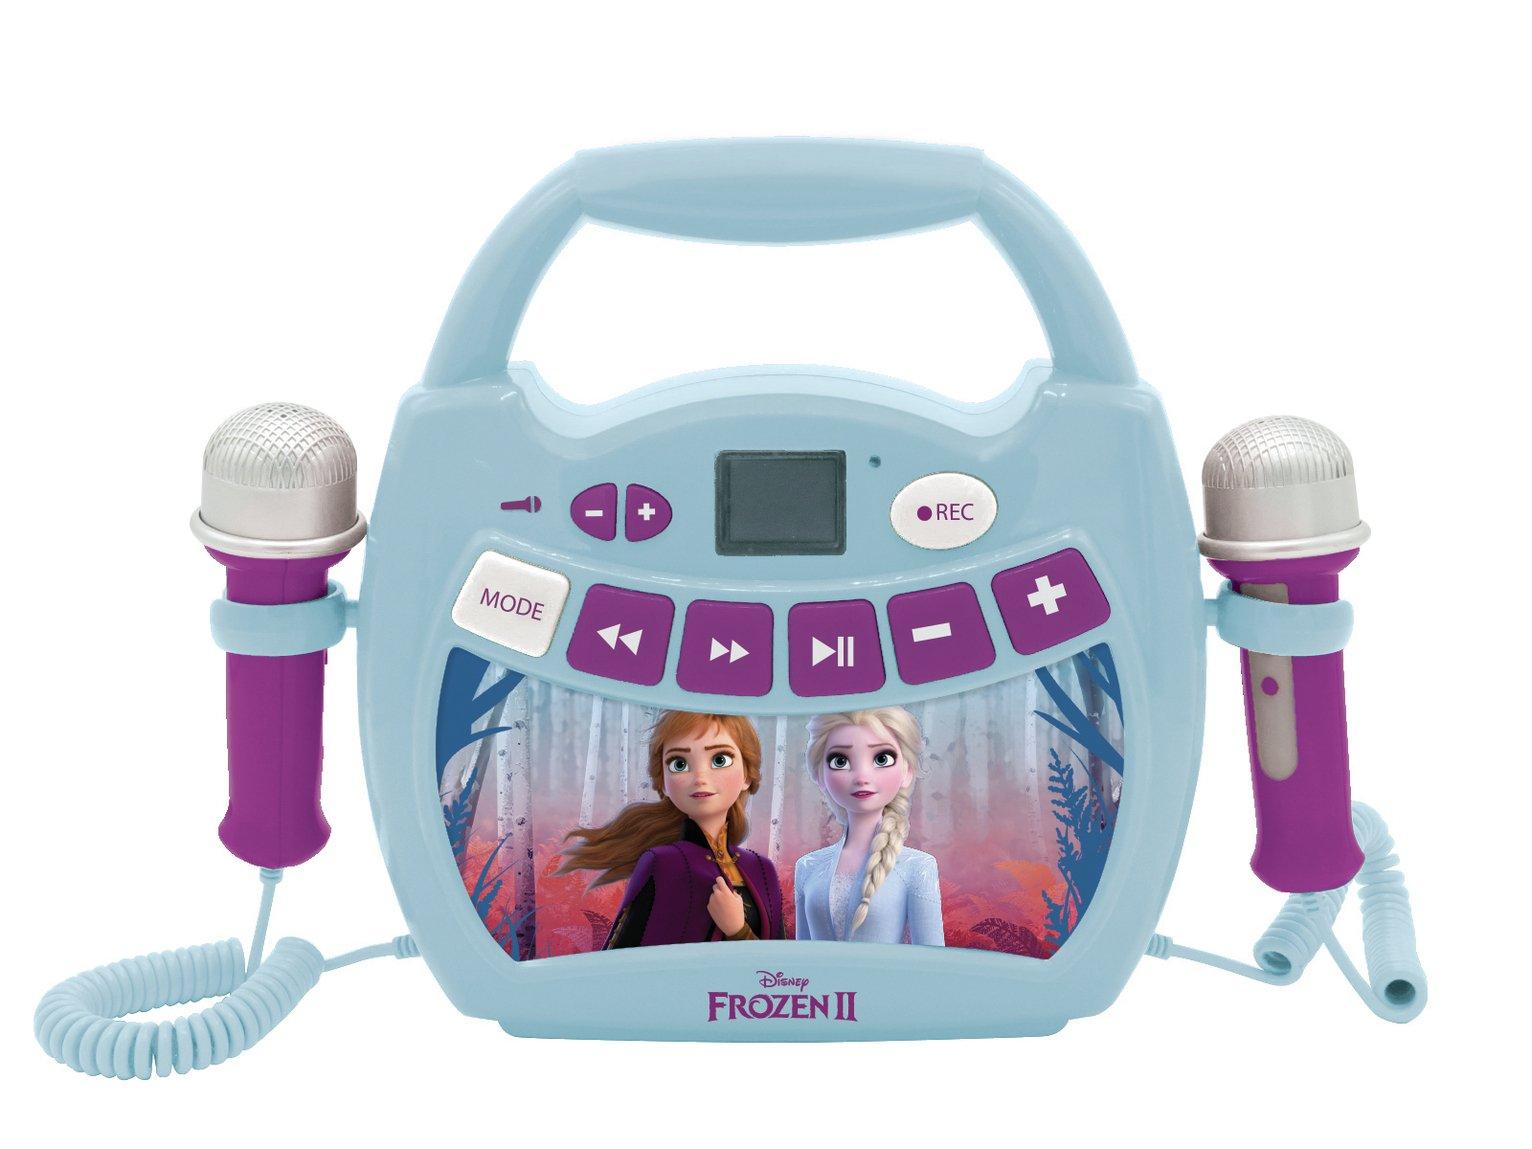 Frozen 2 Bluetooth Karaoke Machine with Microphones